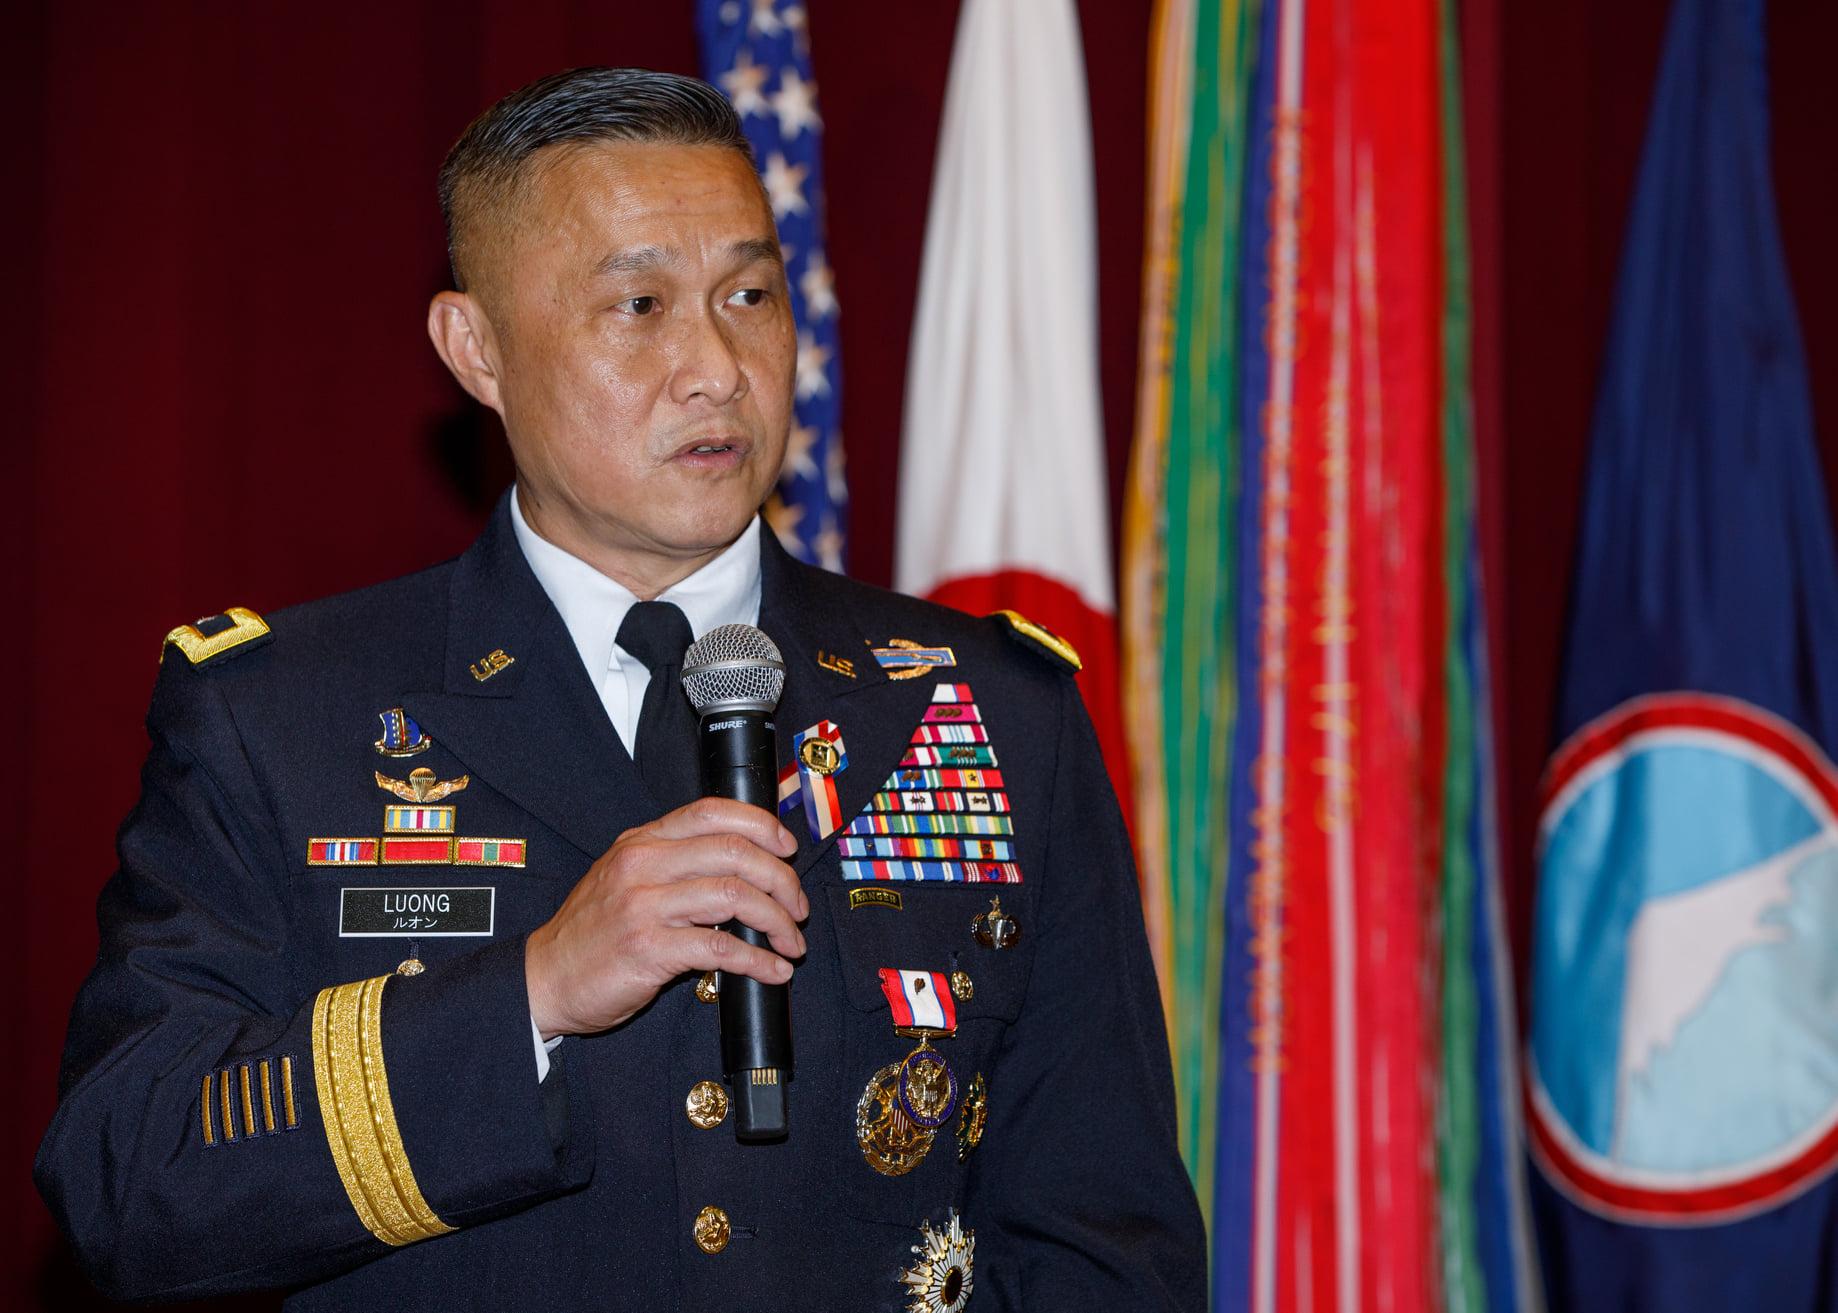 Tướng Lương Xuân Việt giải ngũ sau 34 năm trong quân đội Mỹ DP-Luong-Xuan-Viet-Nghi-Huu-1